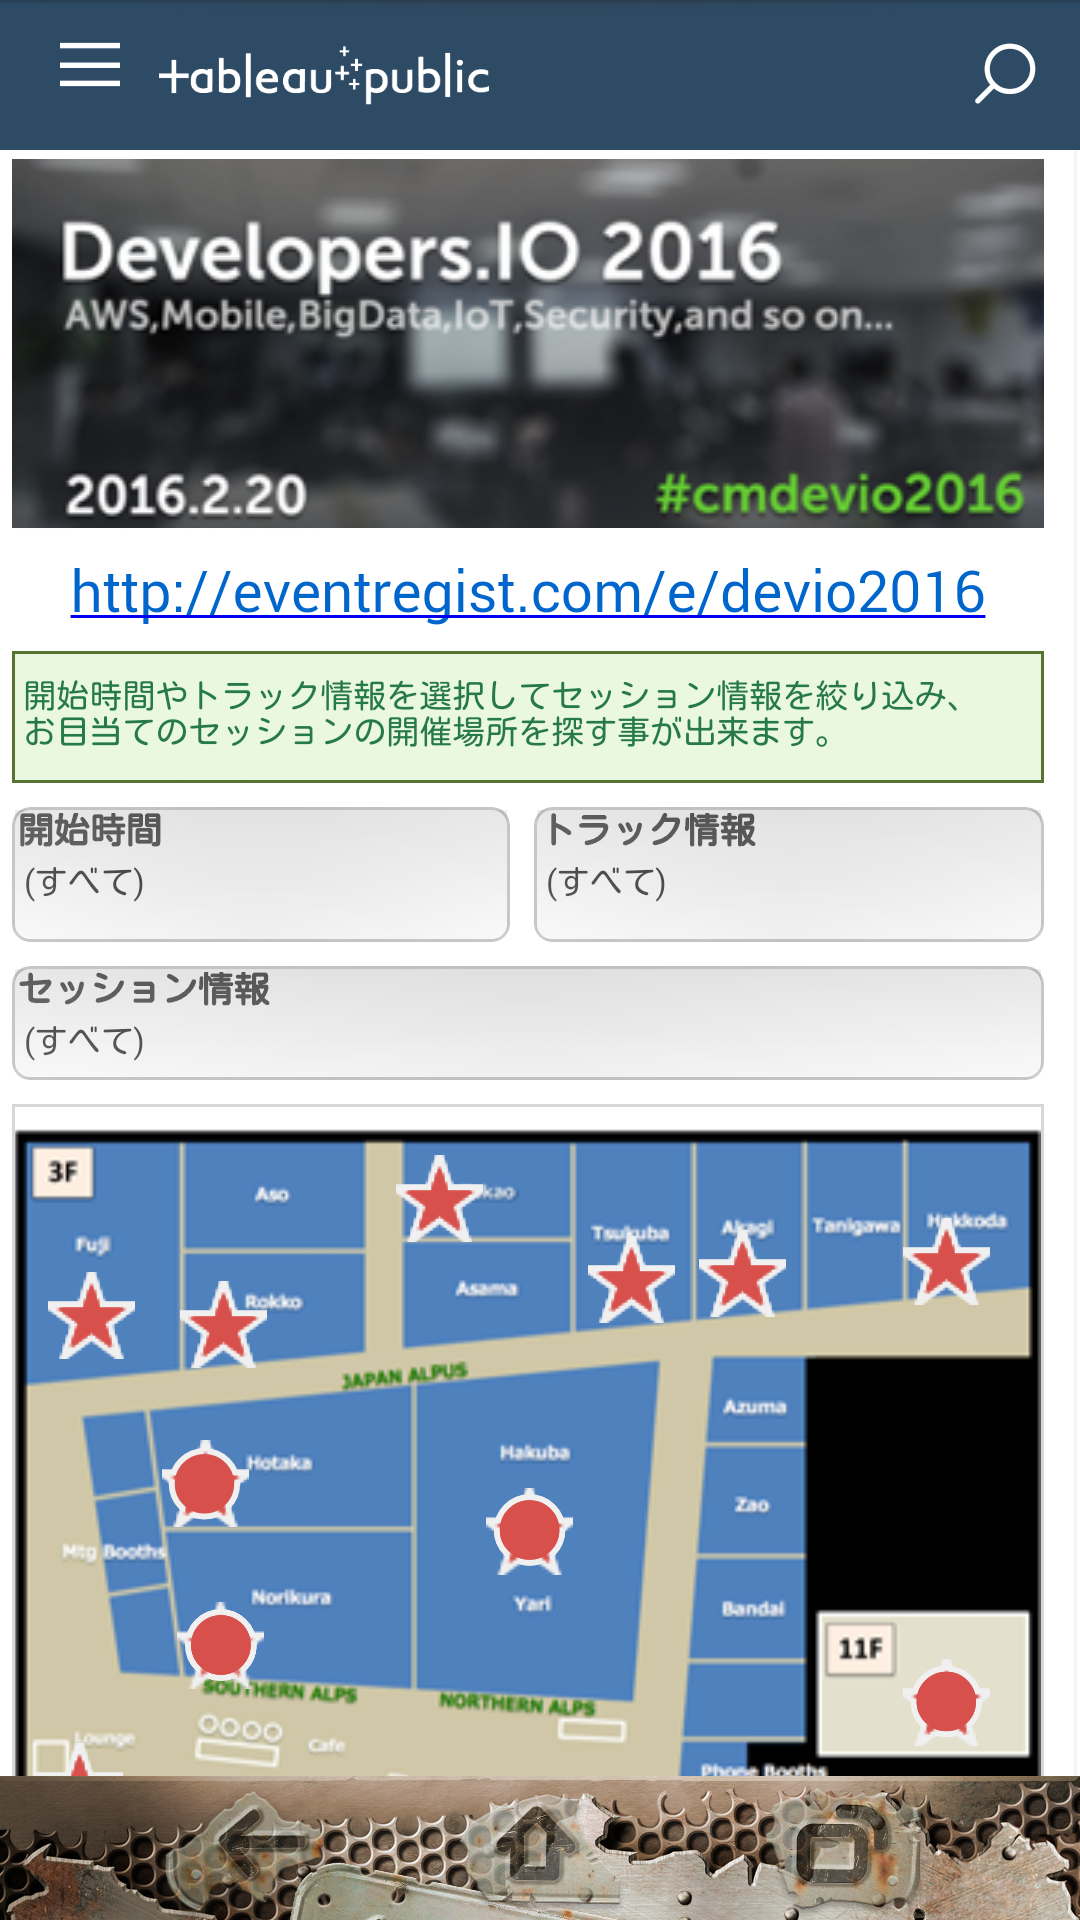 tableau-public_cmdevio2016_01